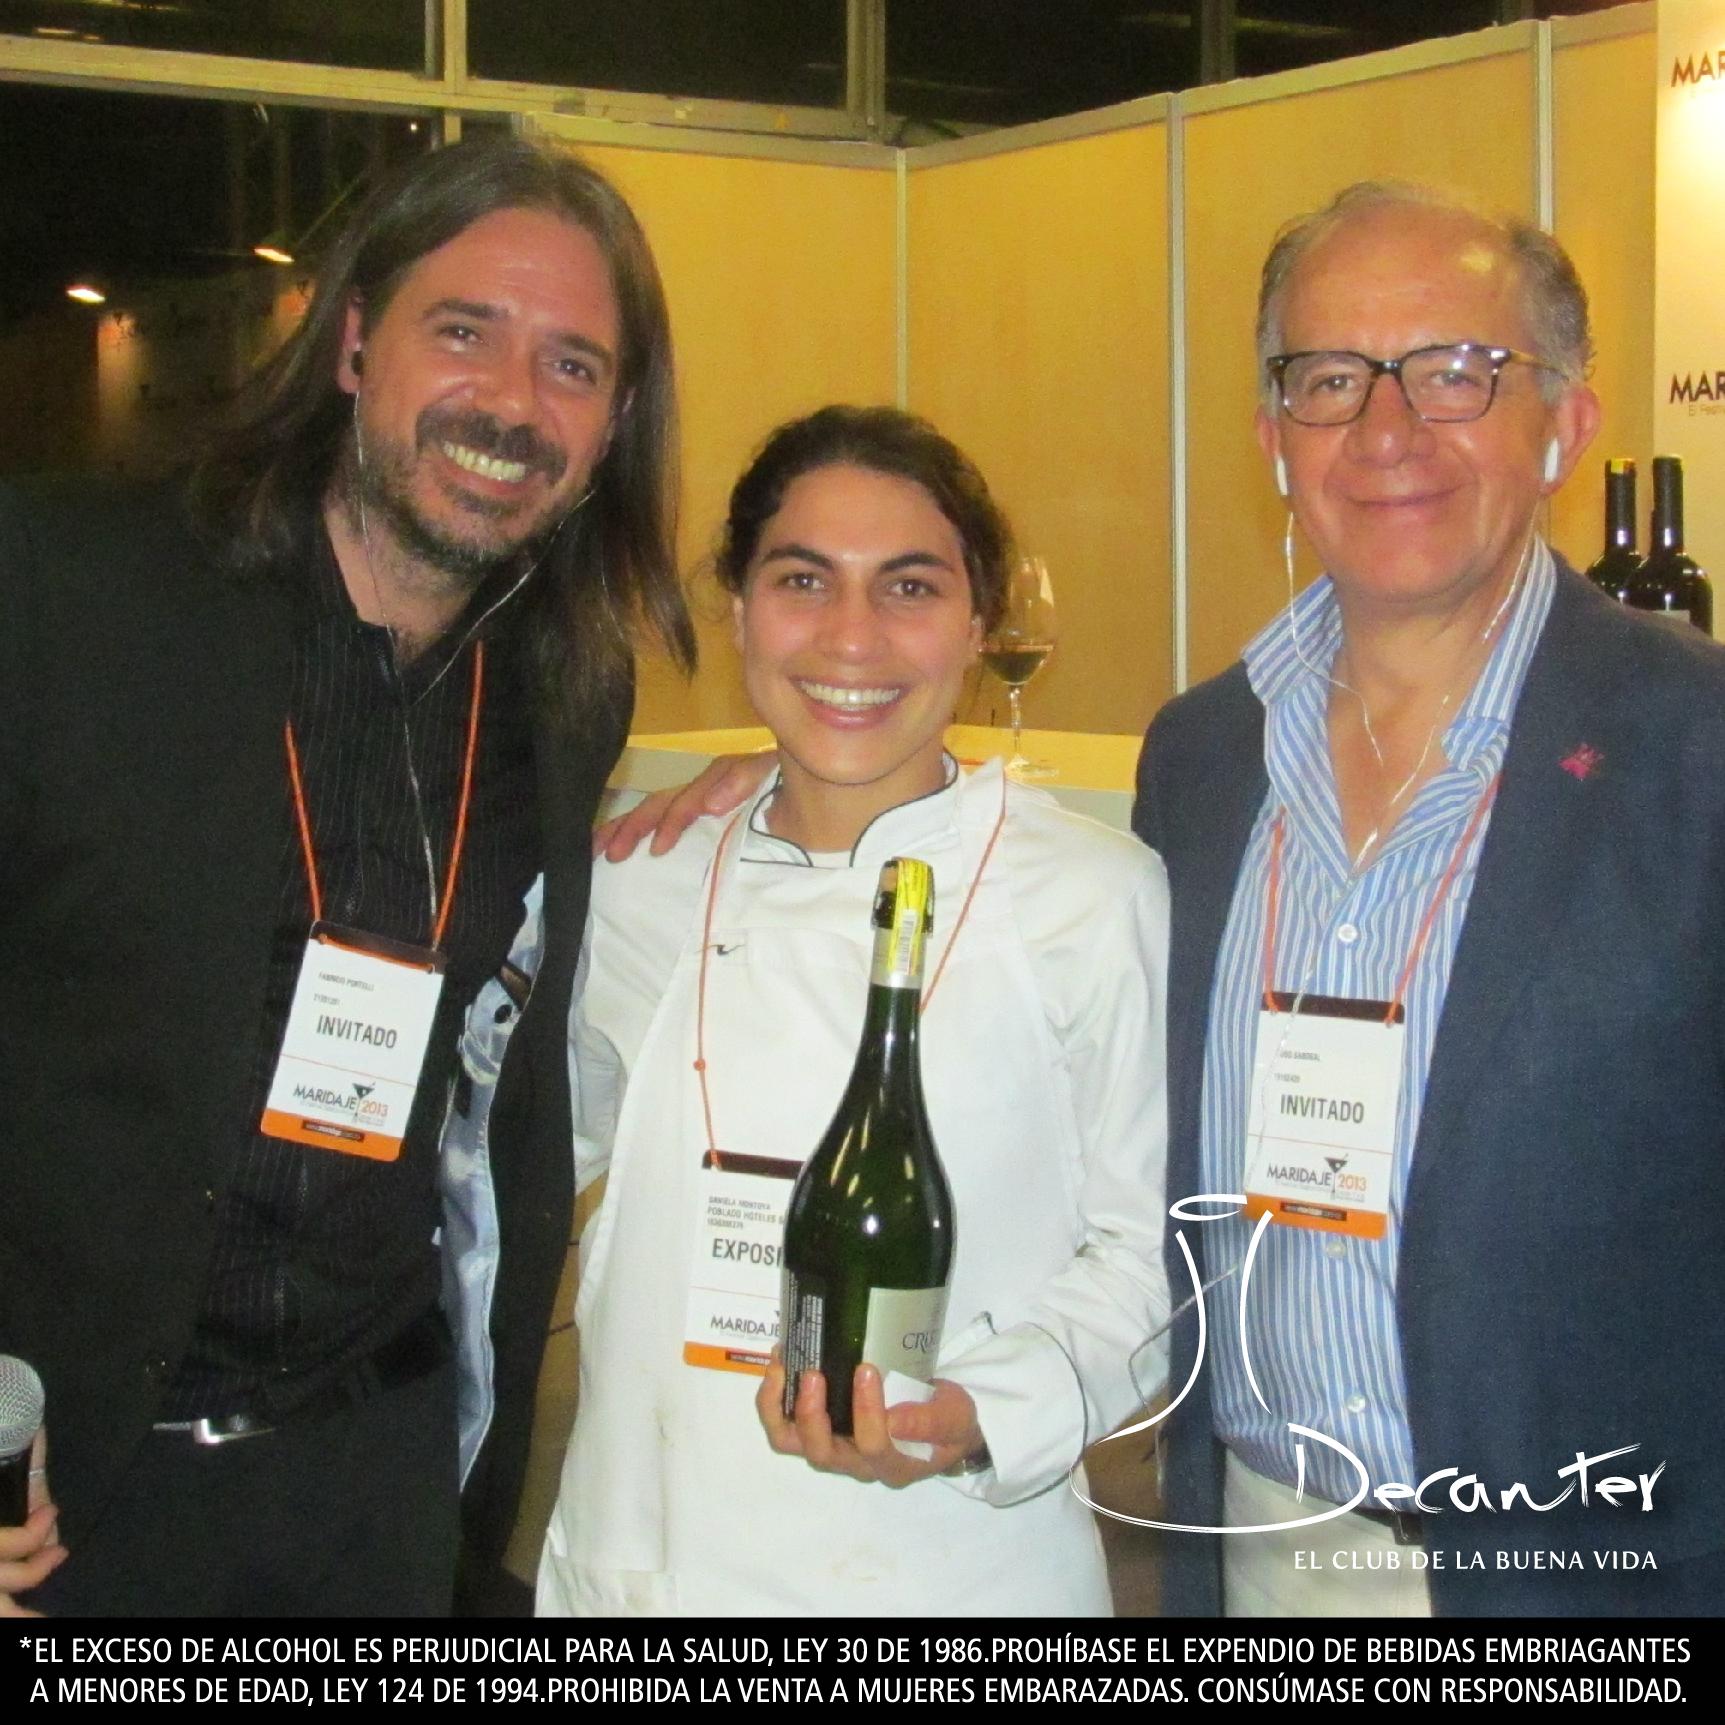 Fabricio Portelli y Hugo Sabogal con la estudiante de cocina que se ganó la botella de Cruzat Nature al final de la cata.